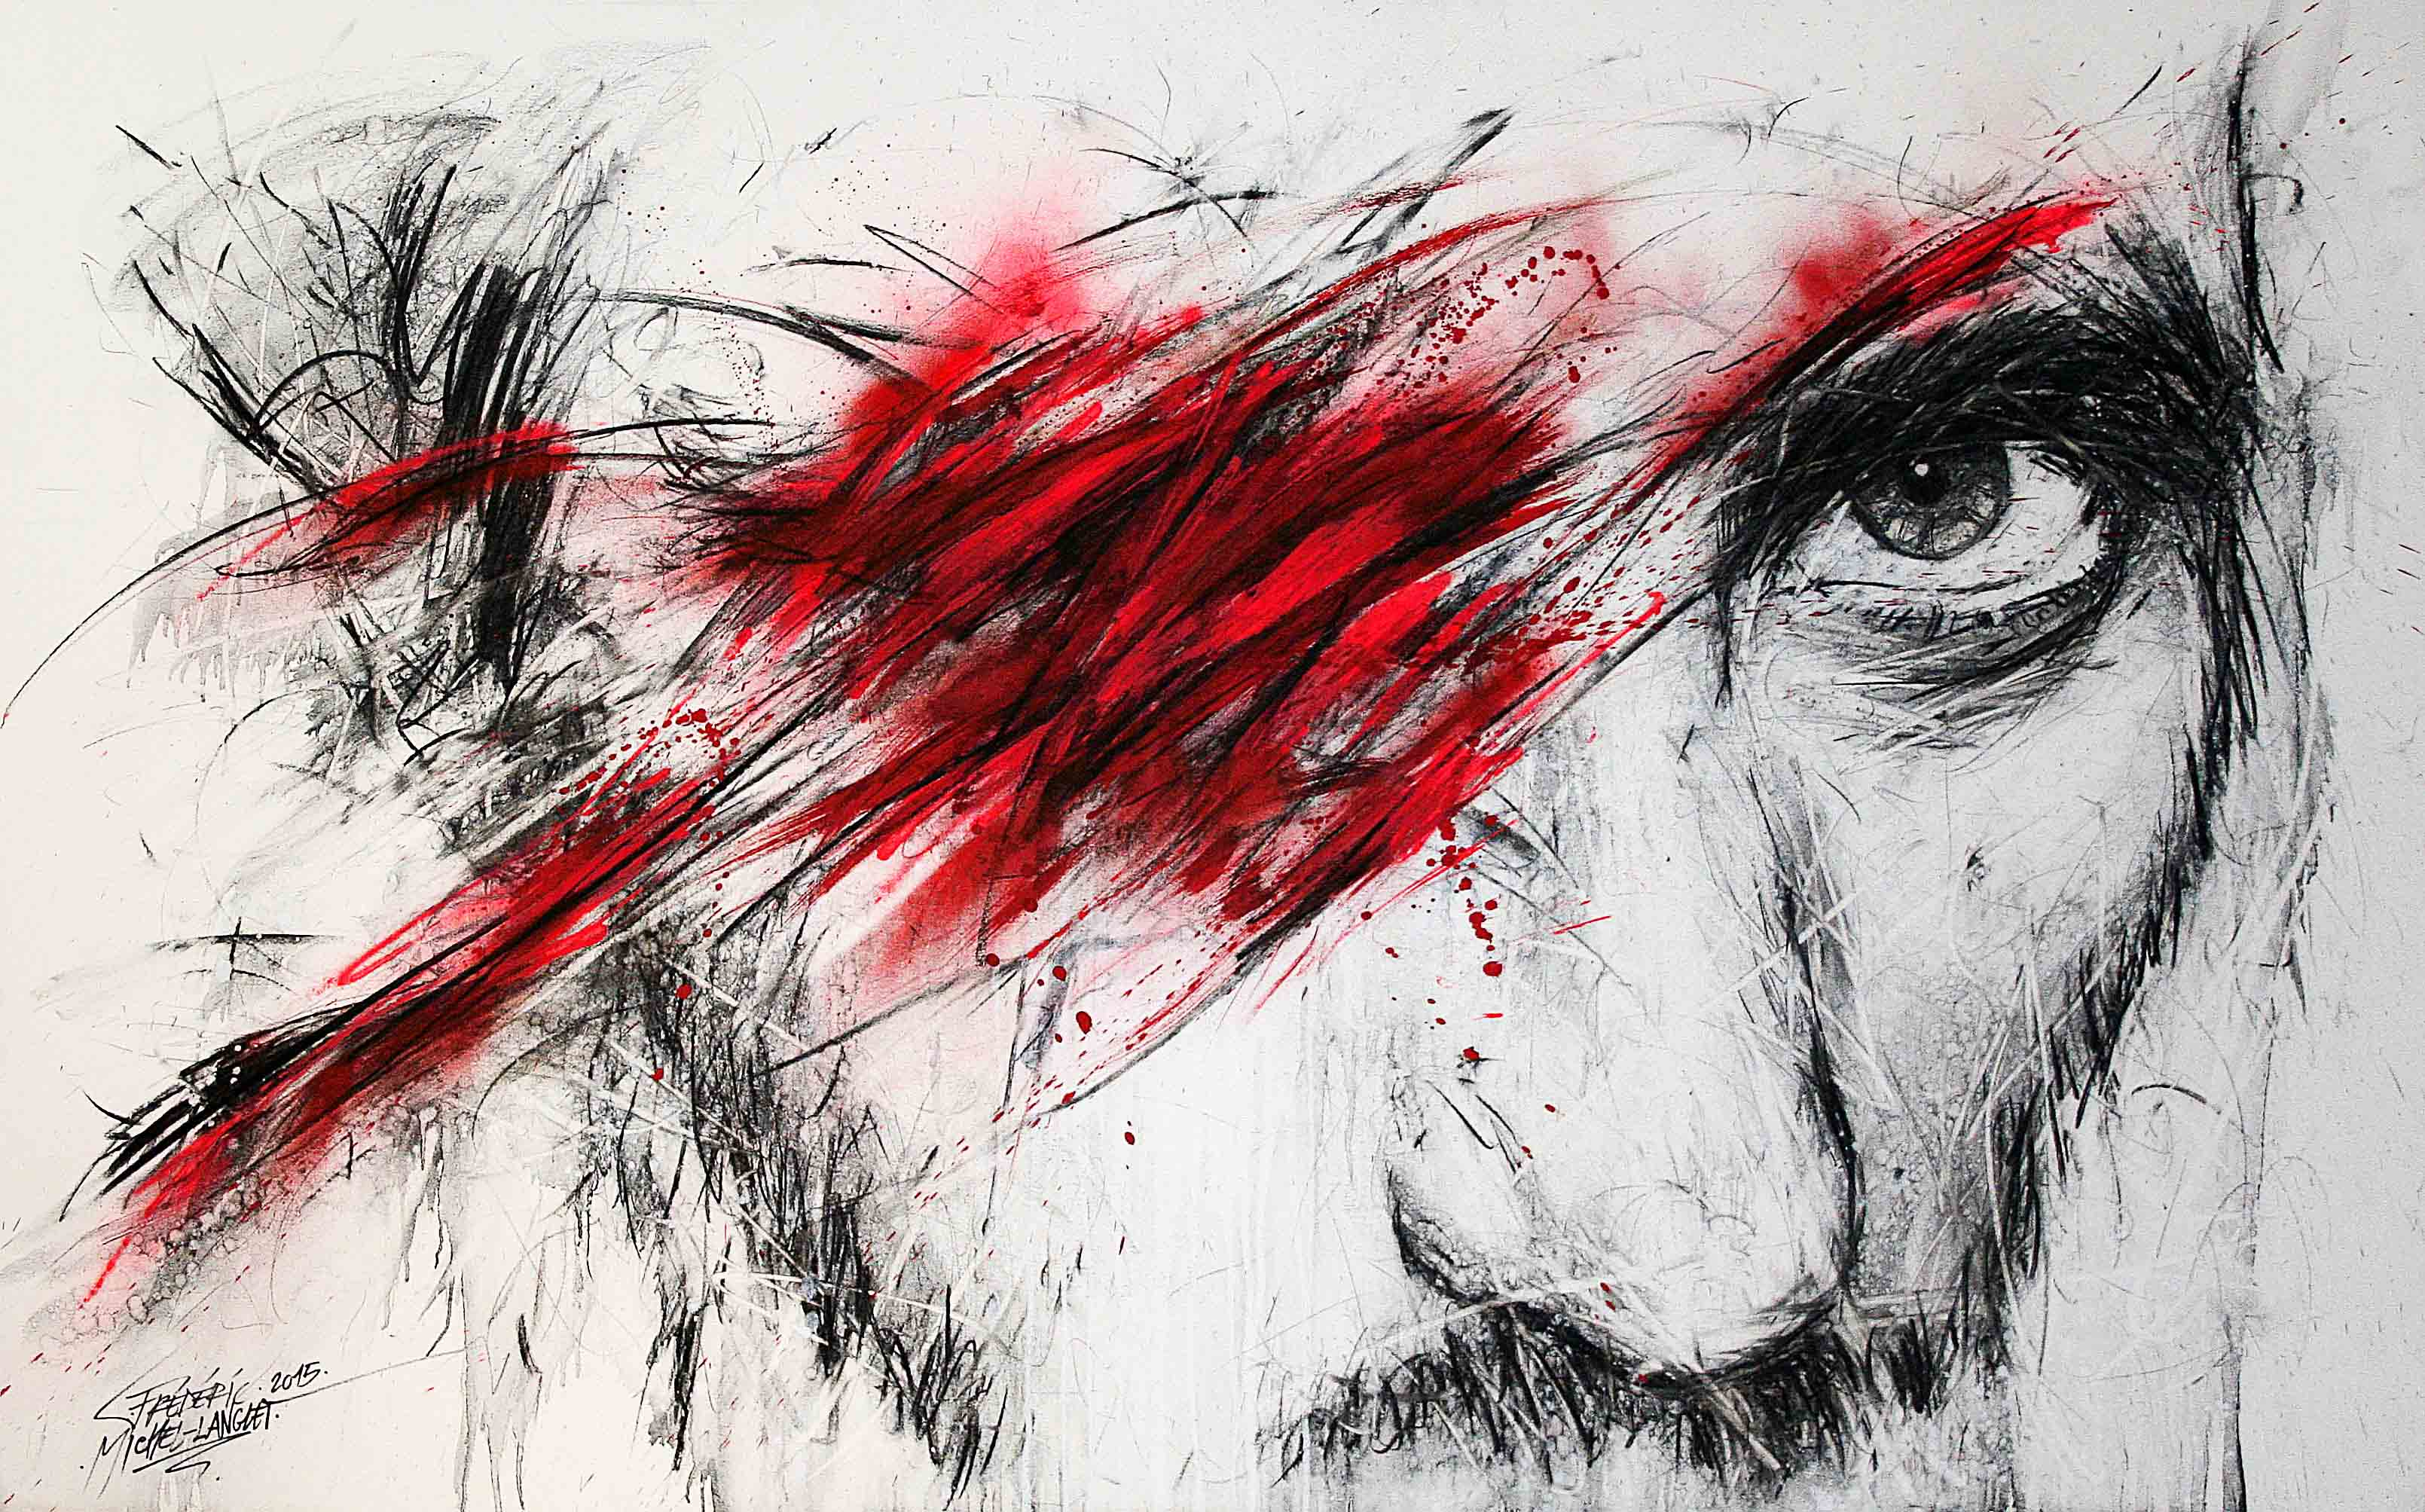 autoportrait de frédéric michel-langlet de la collection idées